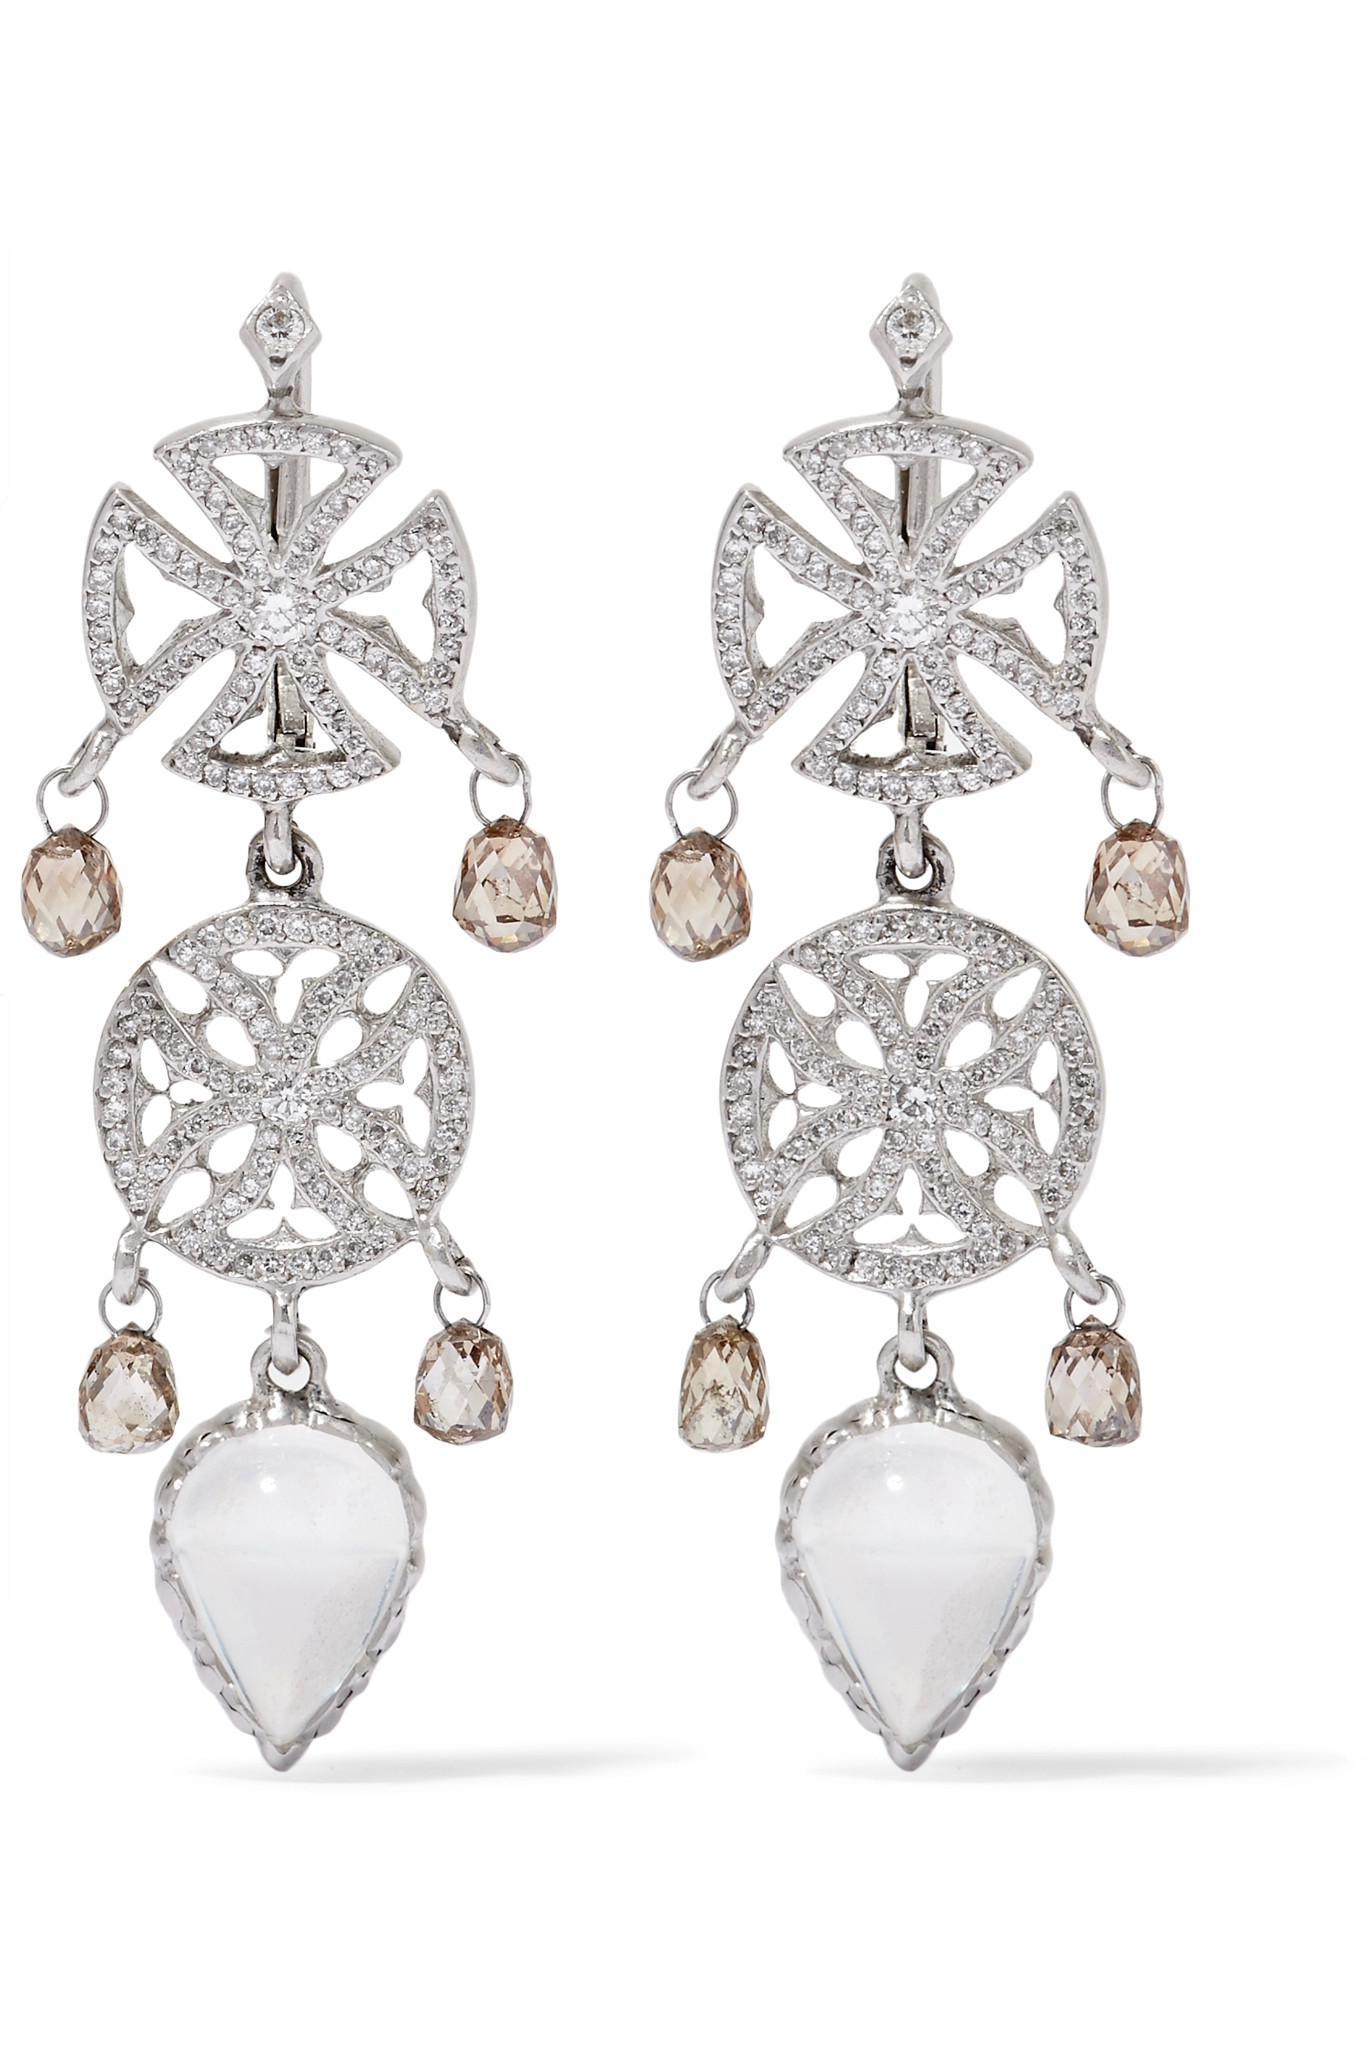 Loree Rodkin 18-karat White Gold Multi-stone Earrings dDuY7L4W2